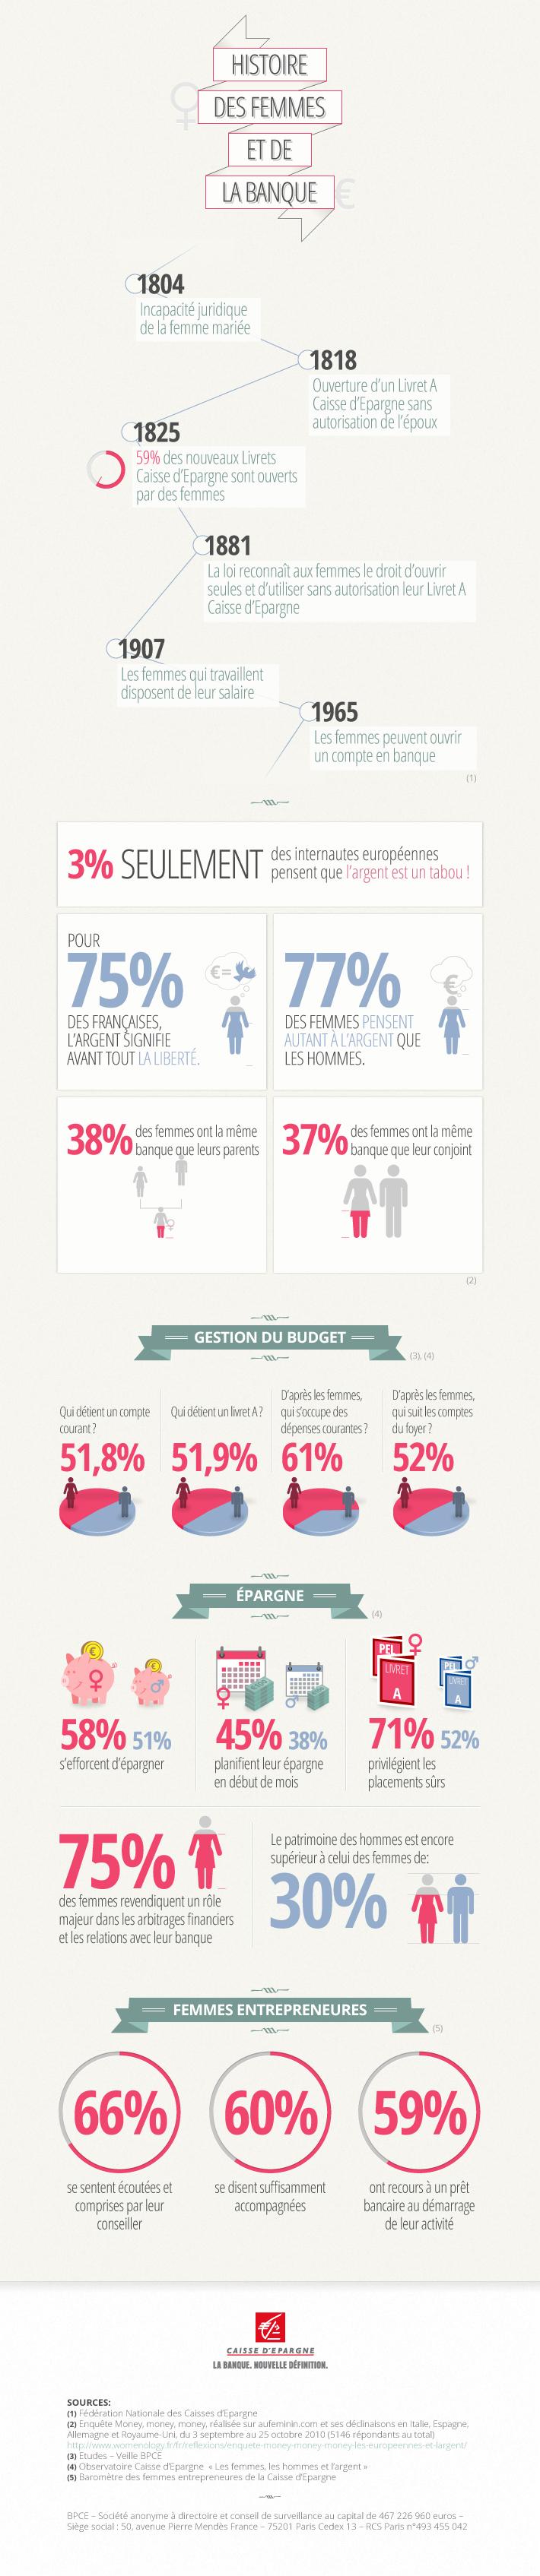 InfographieCE_Histoire des femmes et de la banque